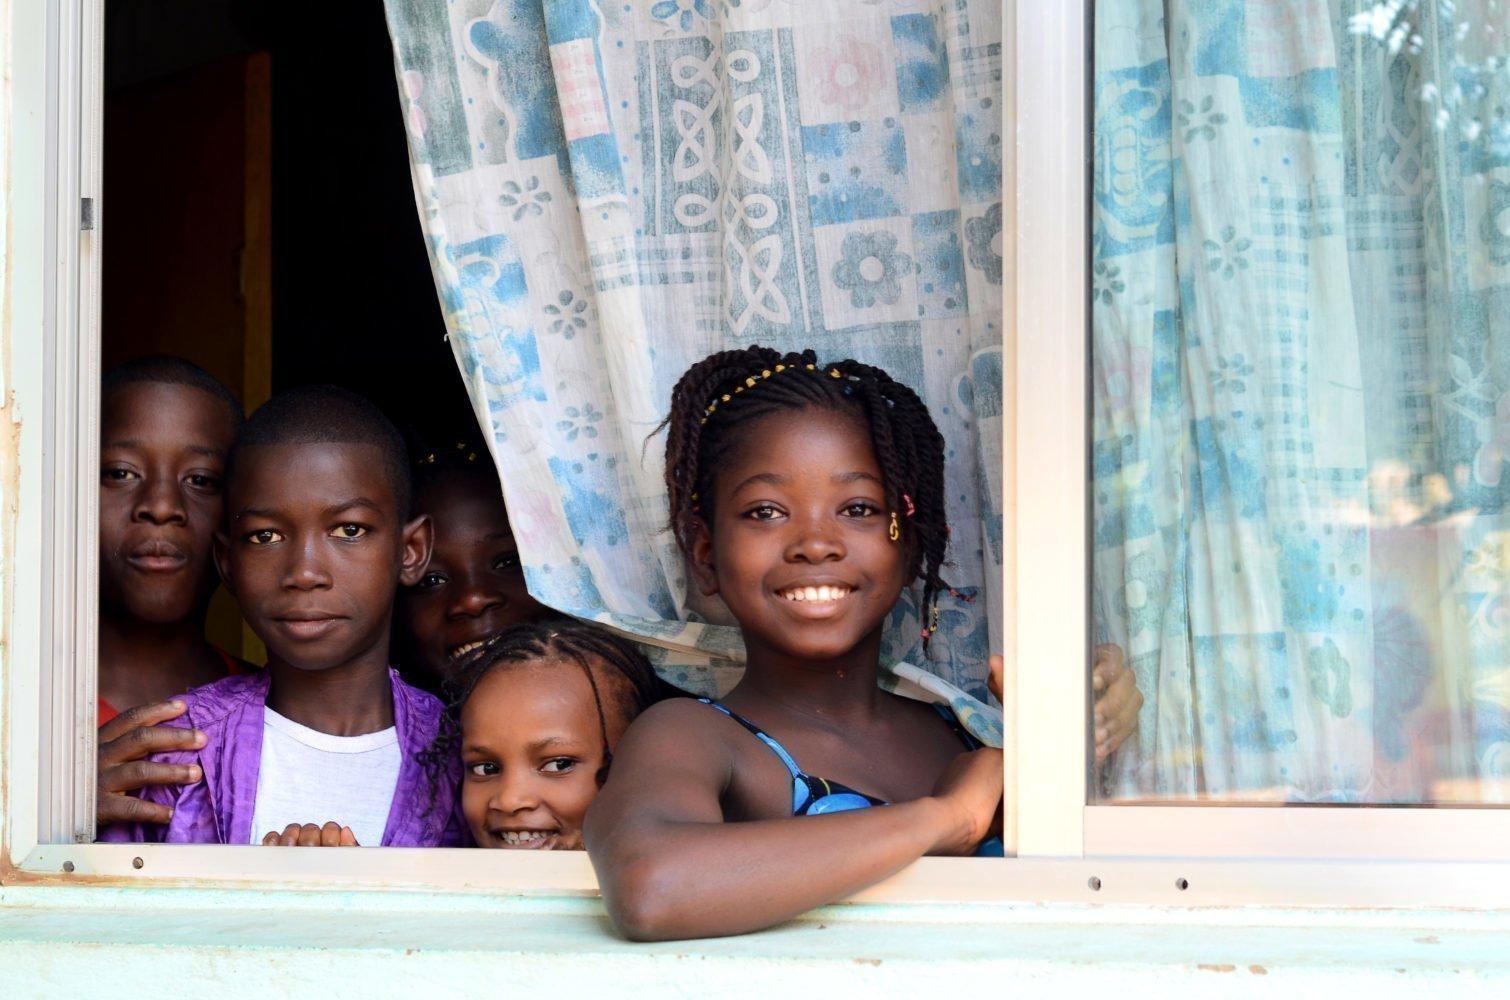 vier Kinder schauen aus einem Fenster heraus.